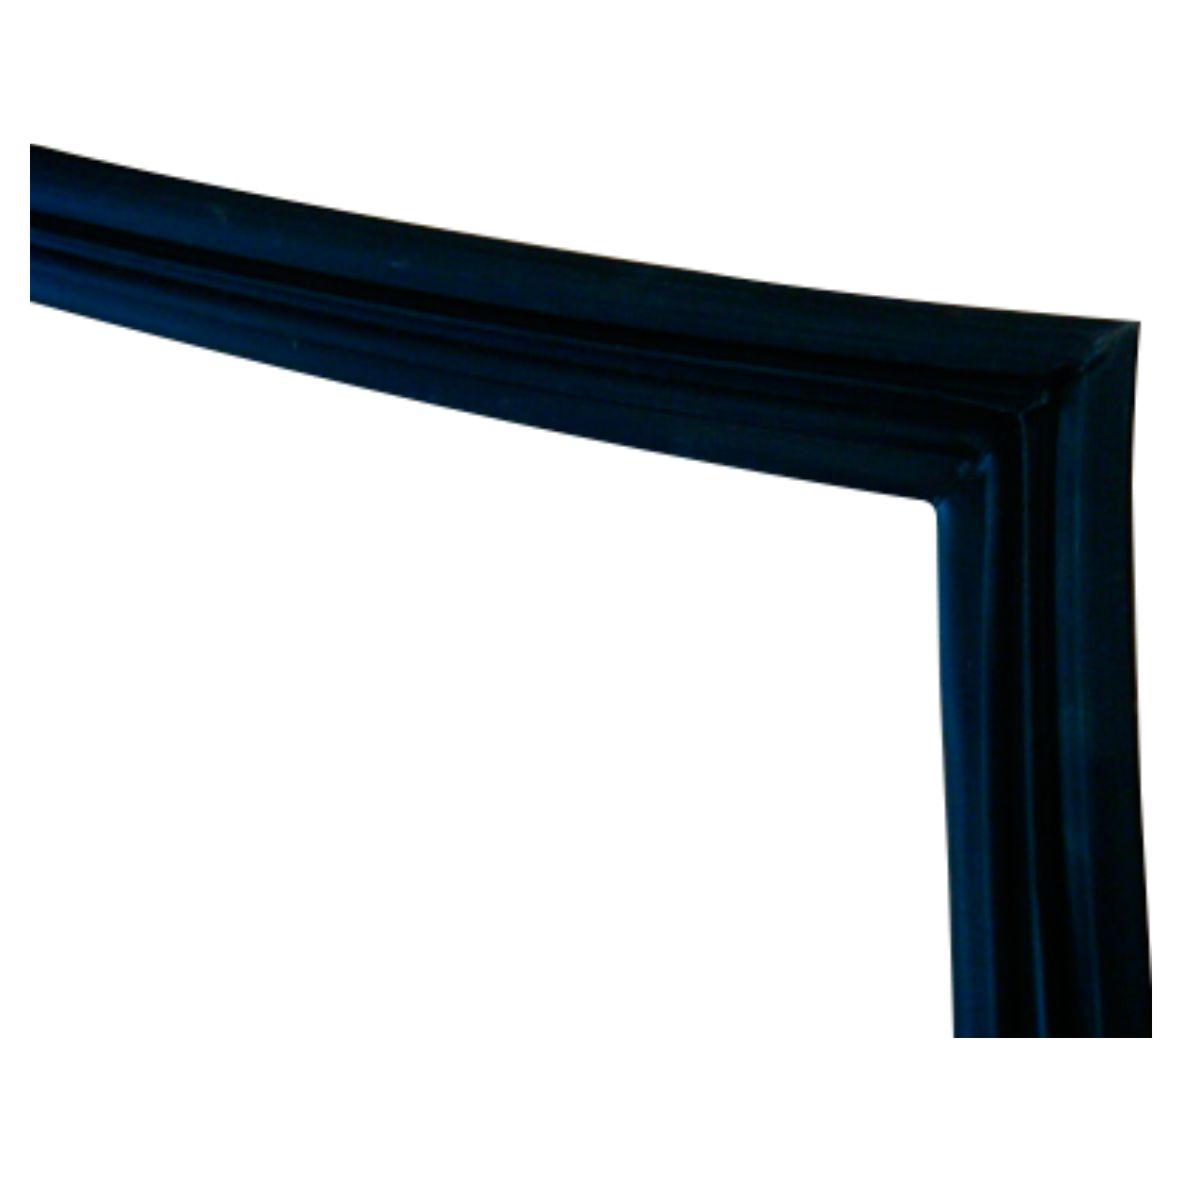 Gaxeta Metalfrio Expositor 144/65 c/ lombo baixo preta